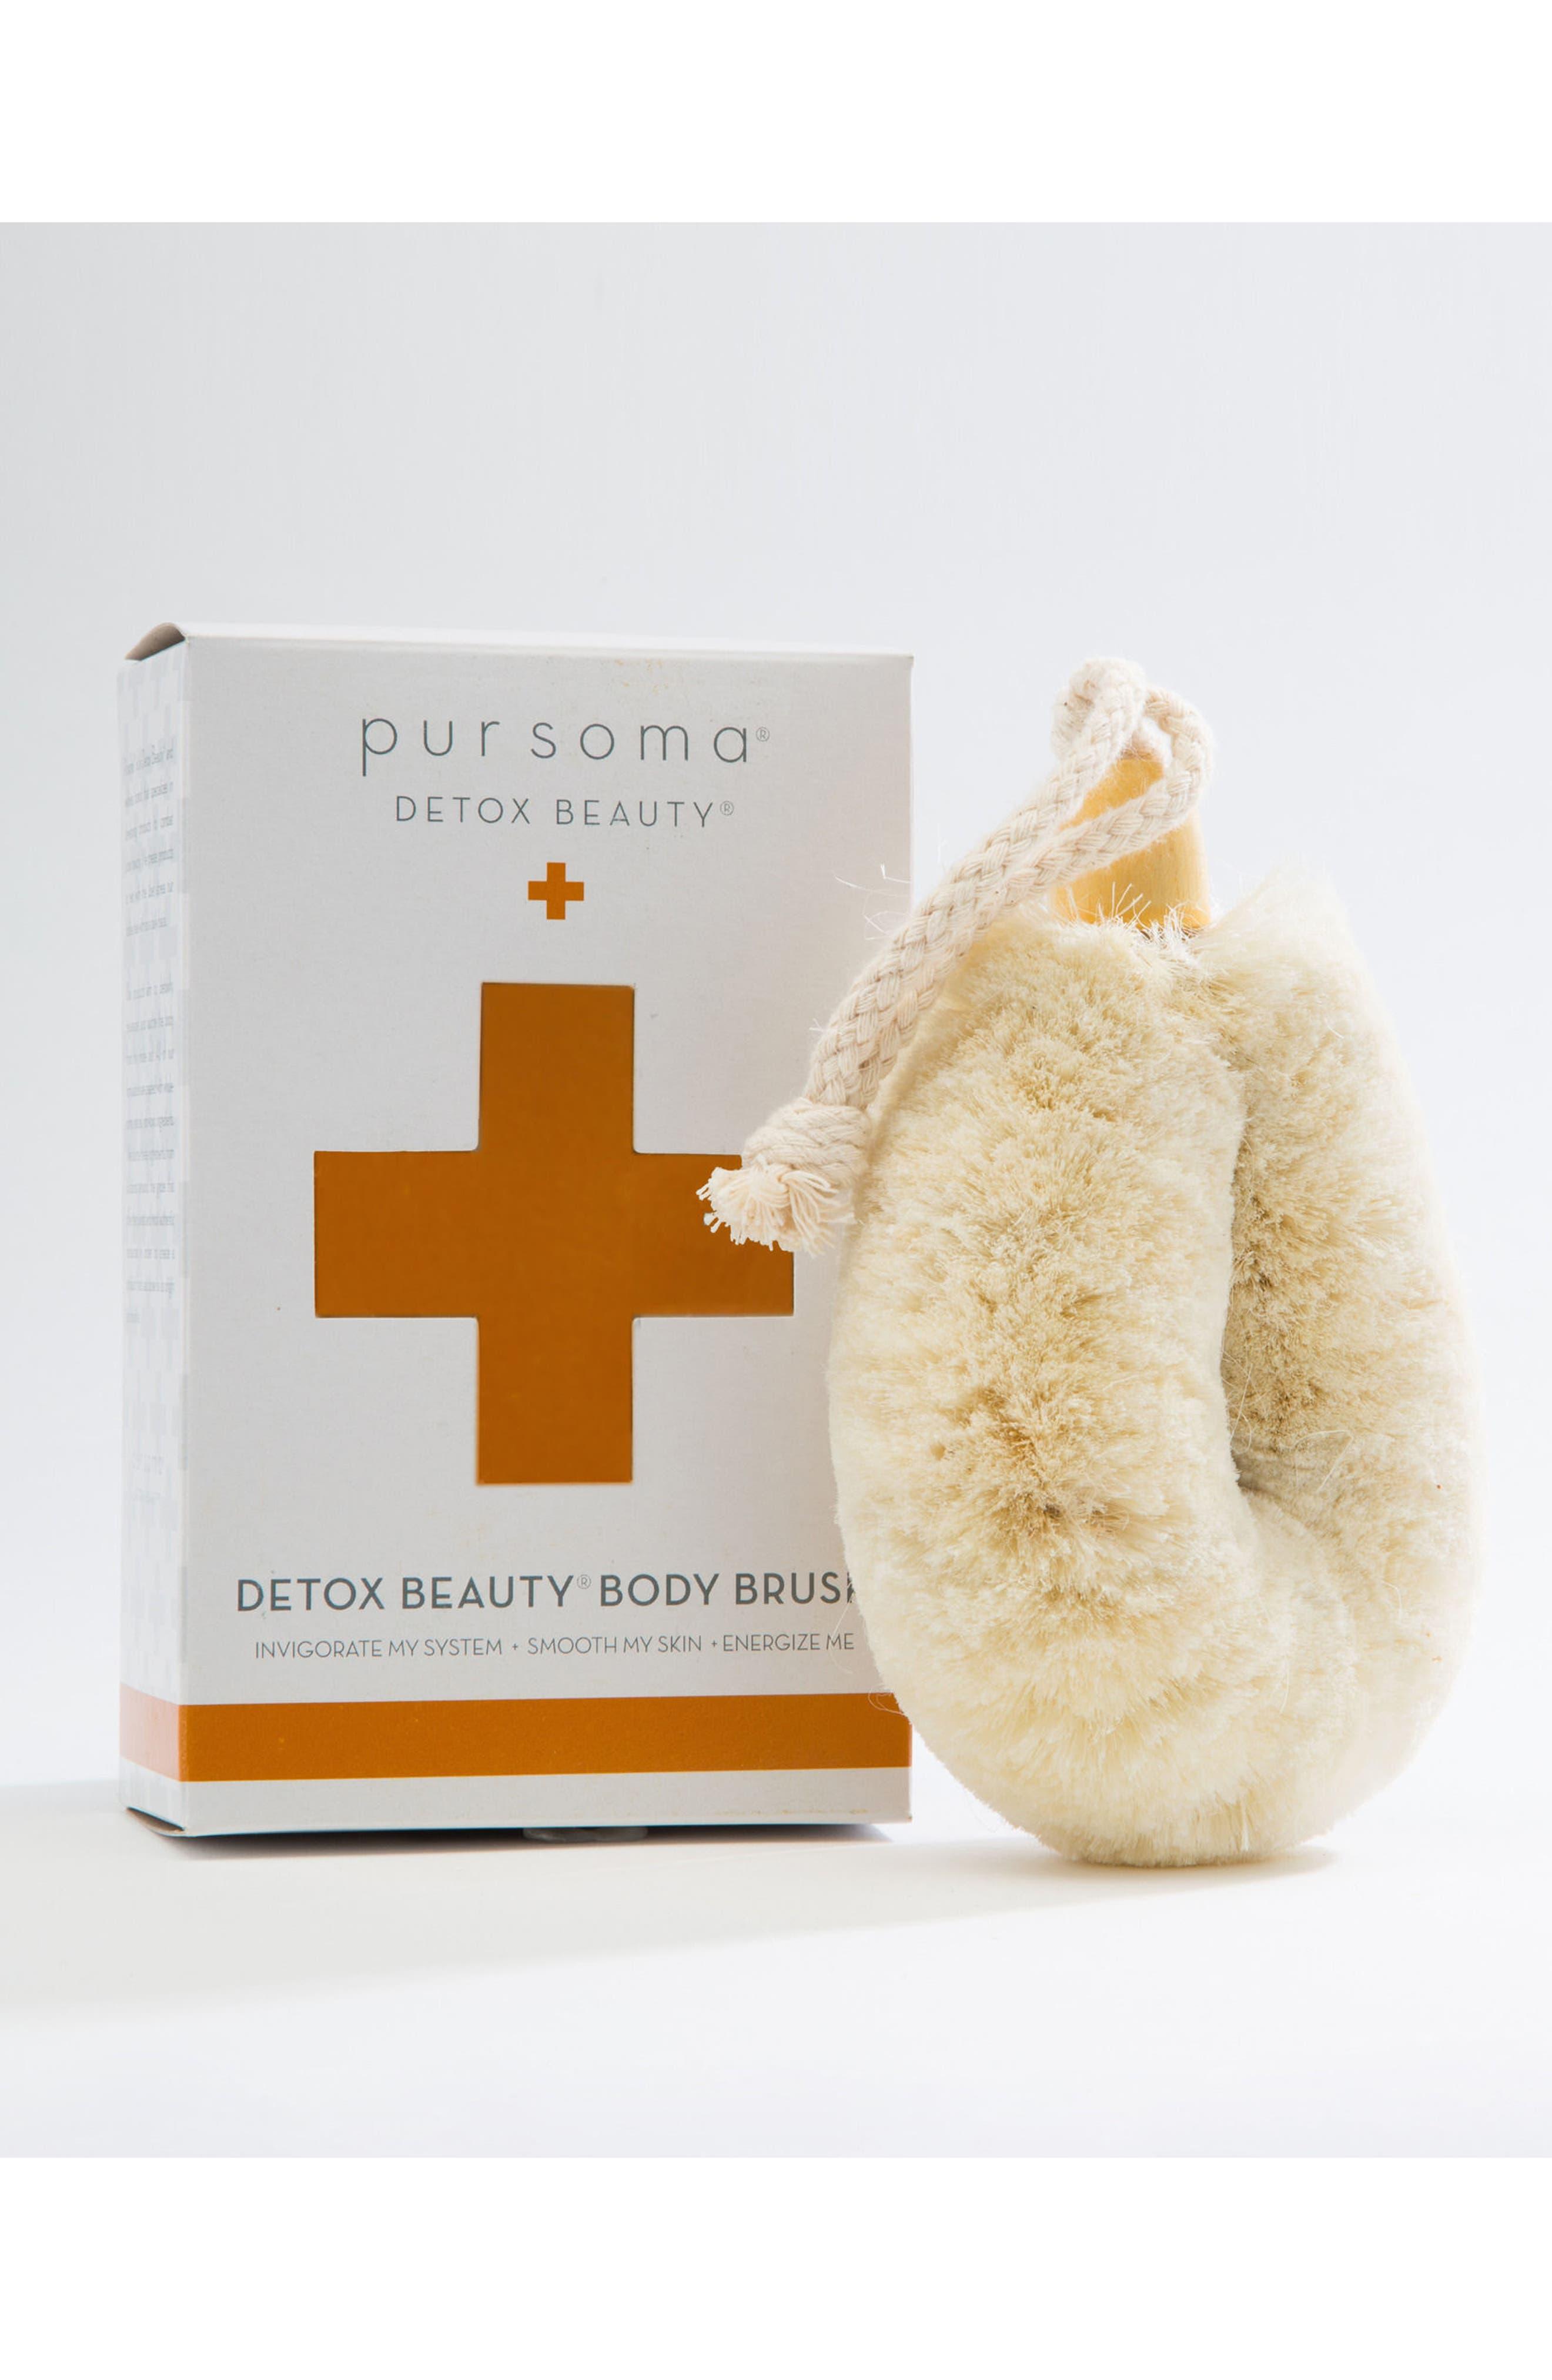 PURSOMA Detox Beauty Body Brush